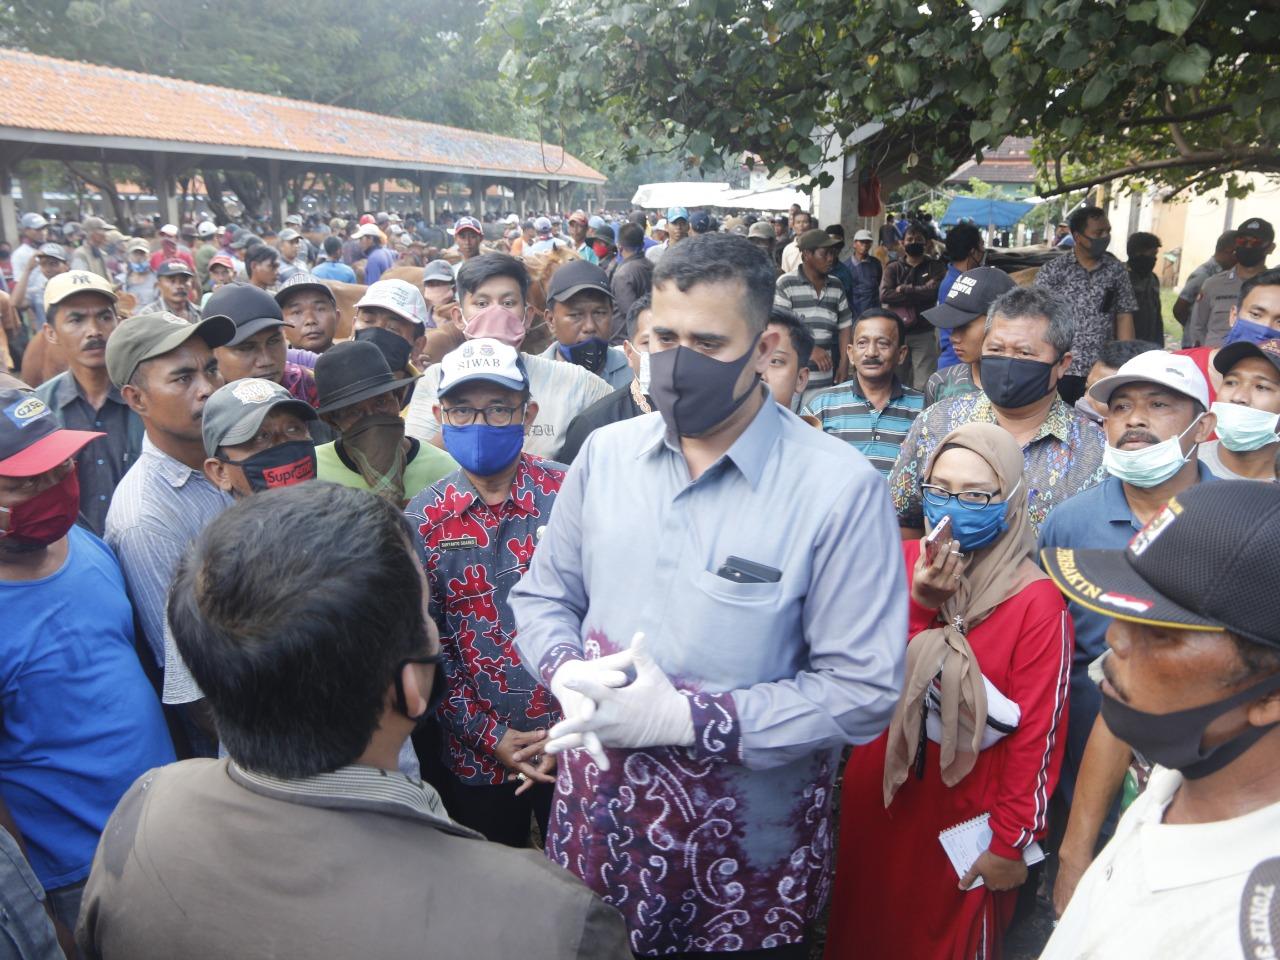 Wajib Pakai Masker, Pedagang dan Pembeli Sapi di Pasar Hewan Wonoasih Jika Tidak Ingin Ditutup